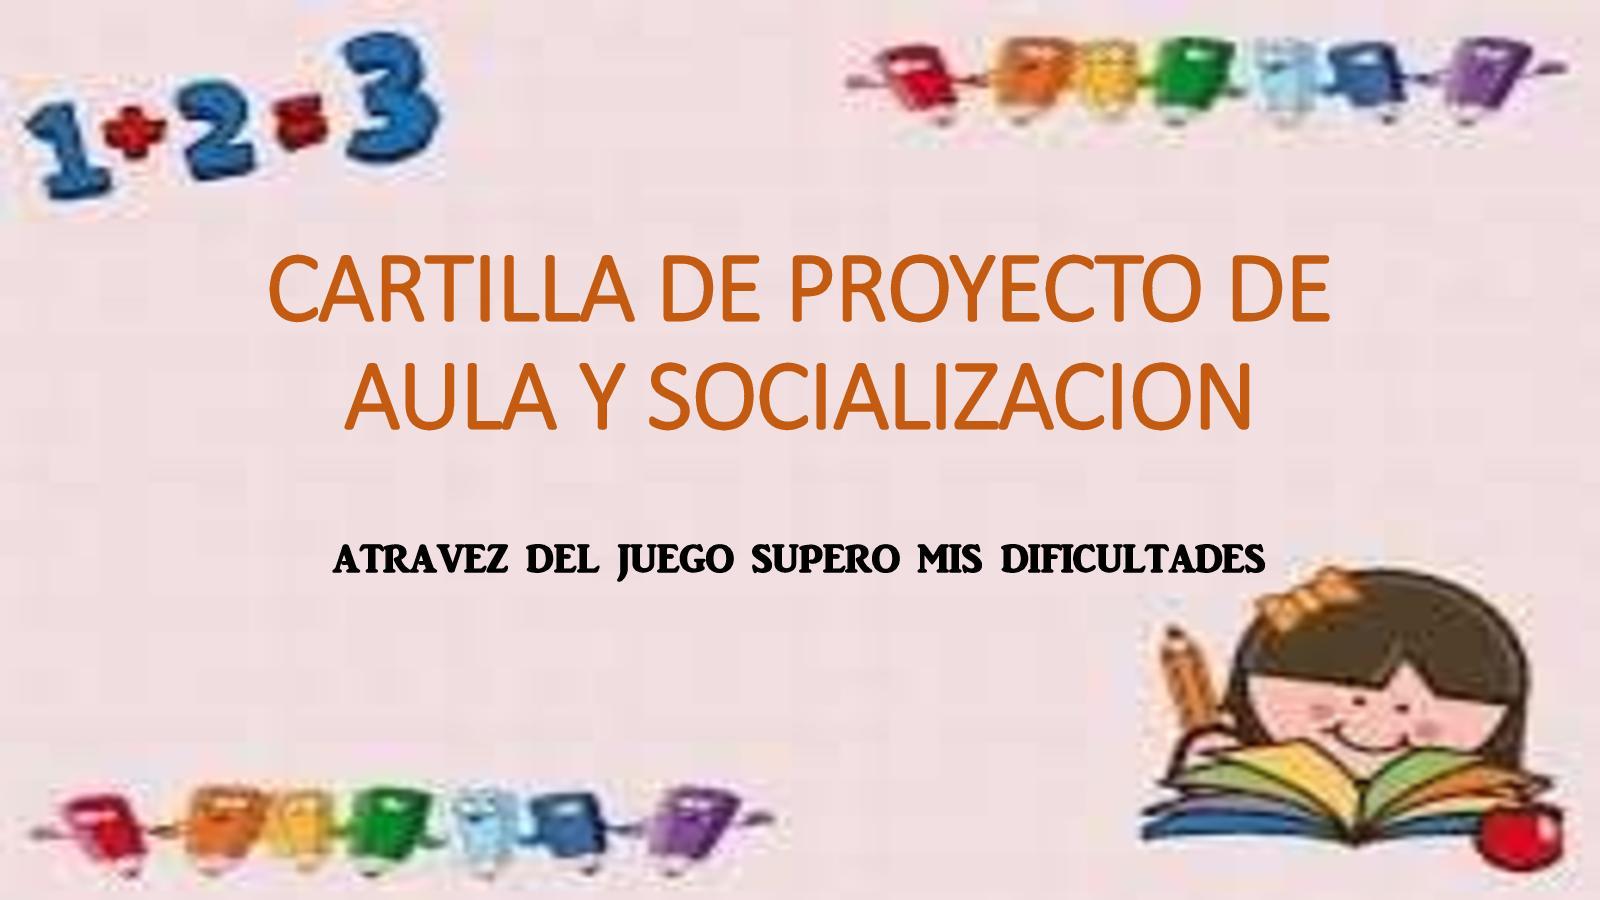 Cartilla De Proyecto De Aula Y Socializacion